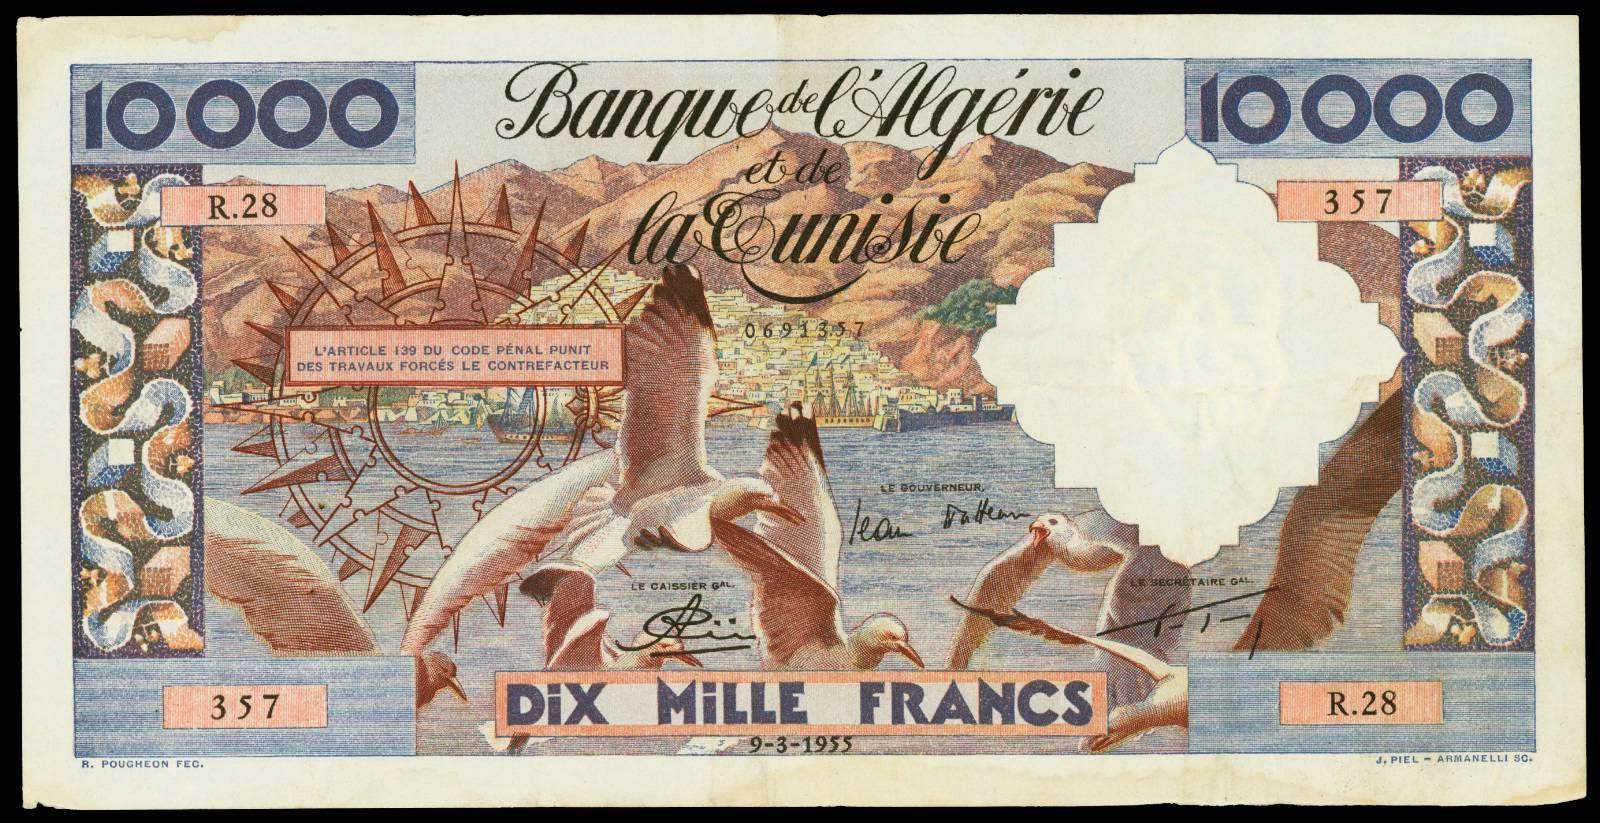 Algeria banknotes 10000 Francs